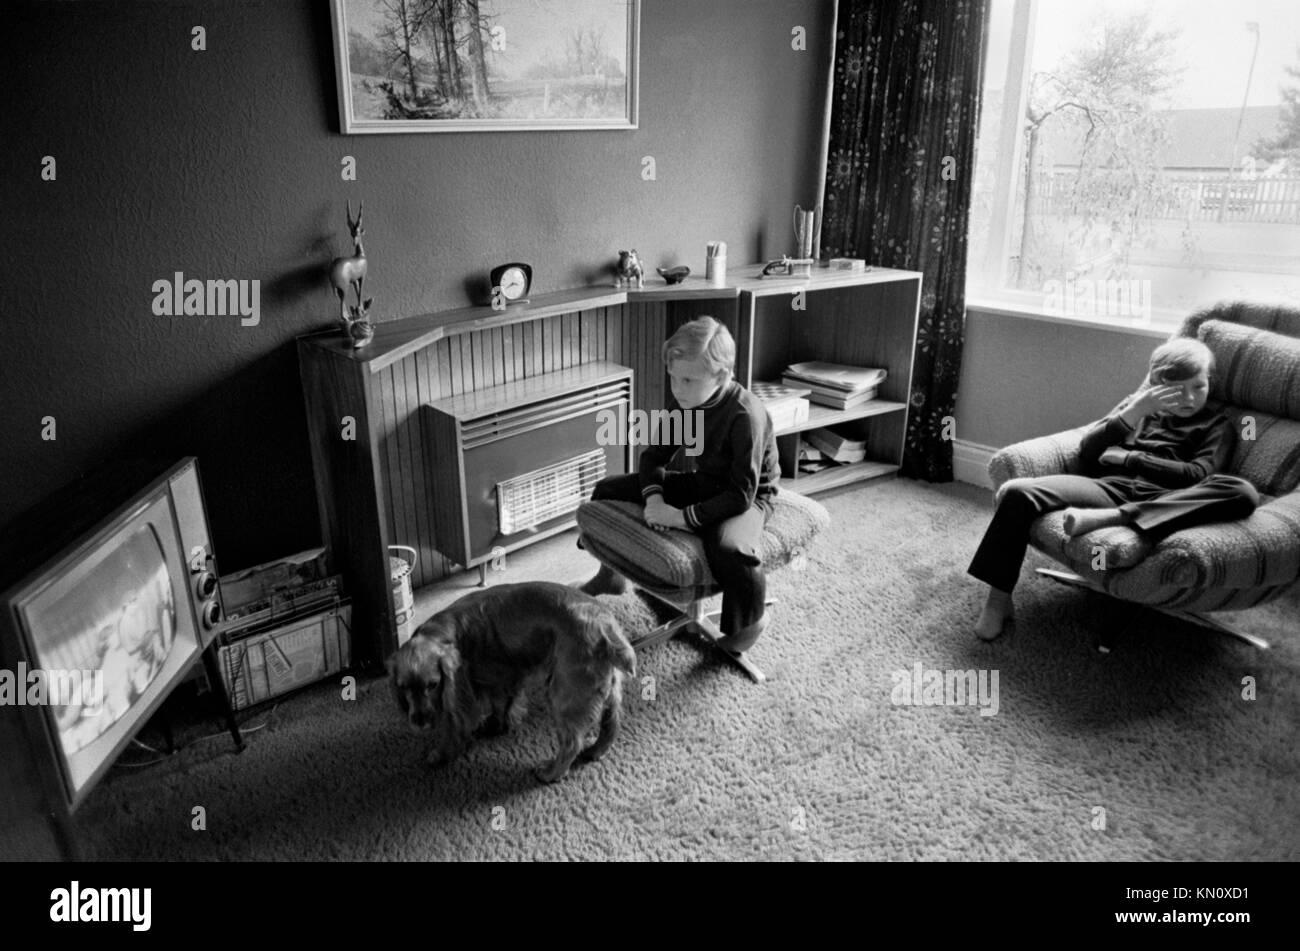 Los niños miran televisión TV UK 1970 familia de clase media en el interior de la casa. 70s Inglaterra Imagen De Stock